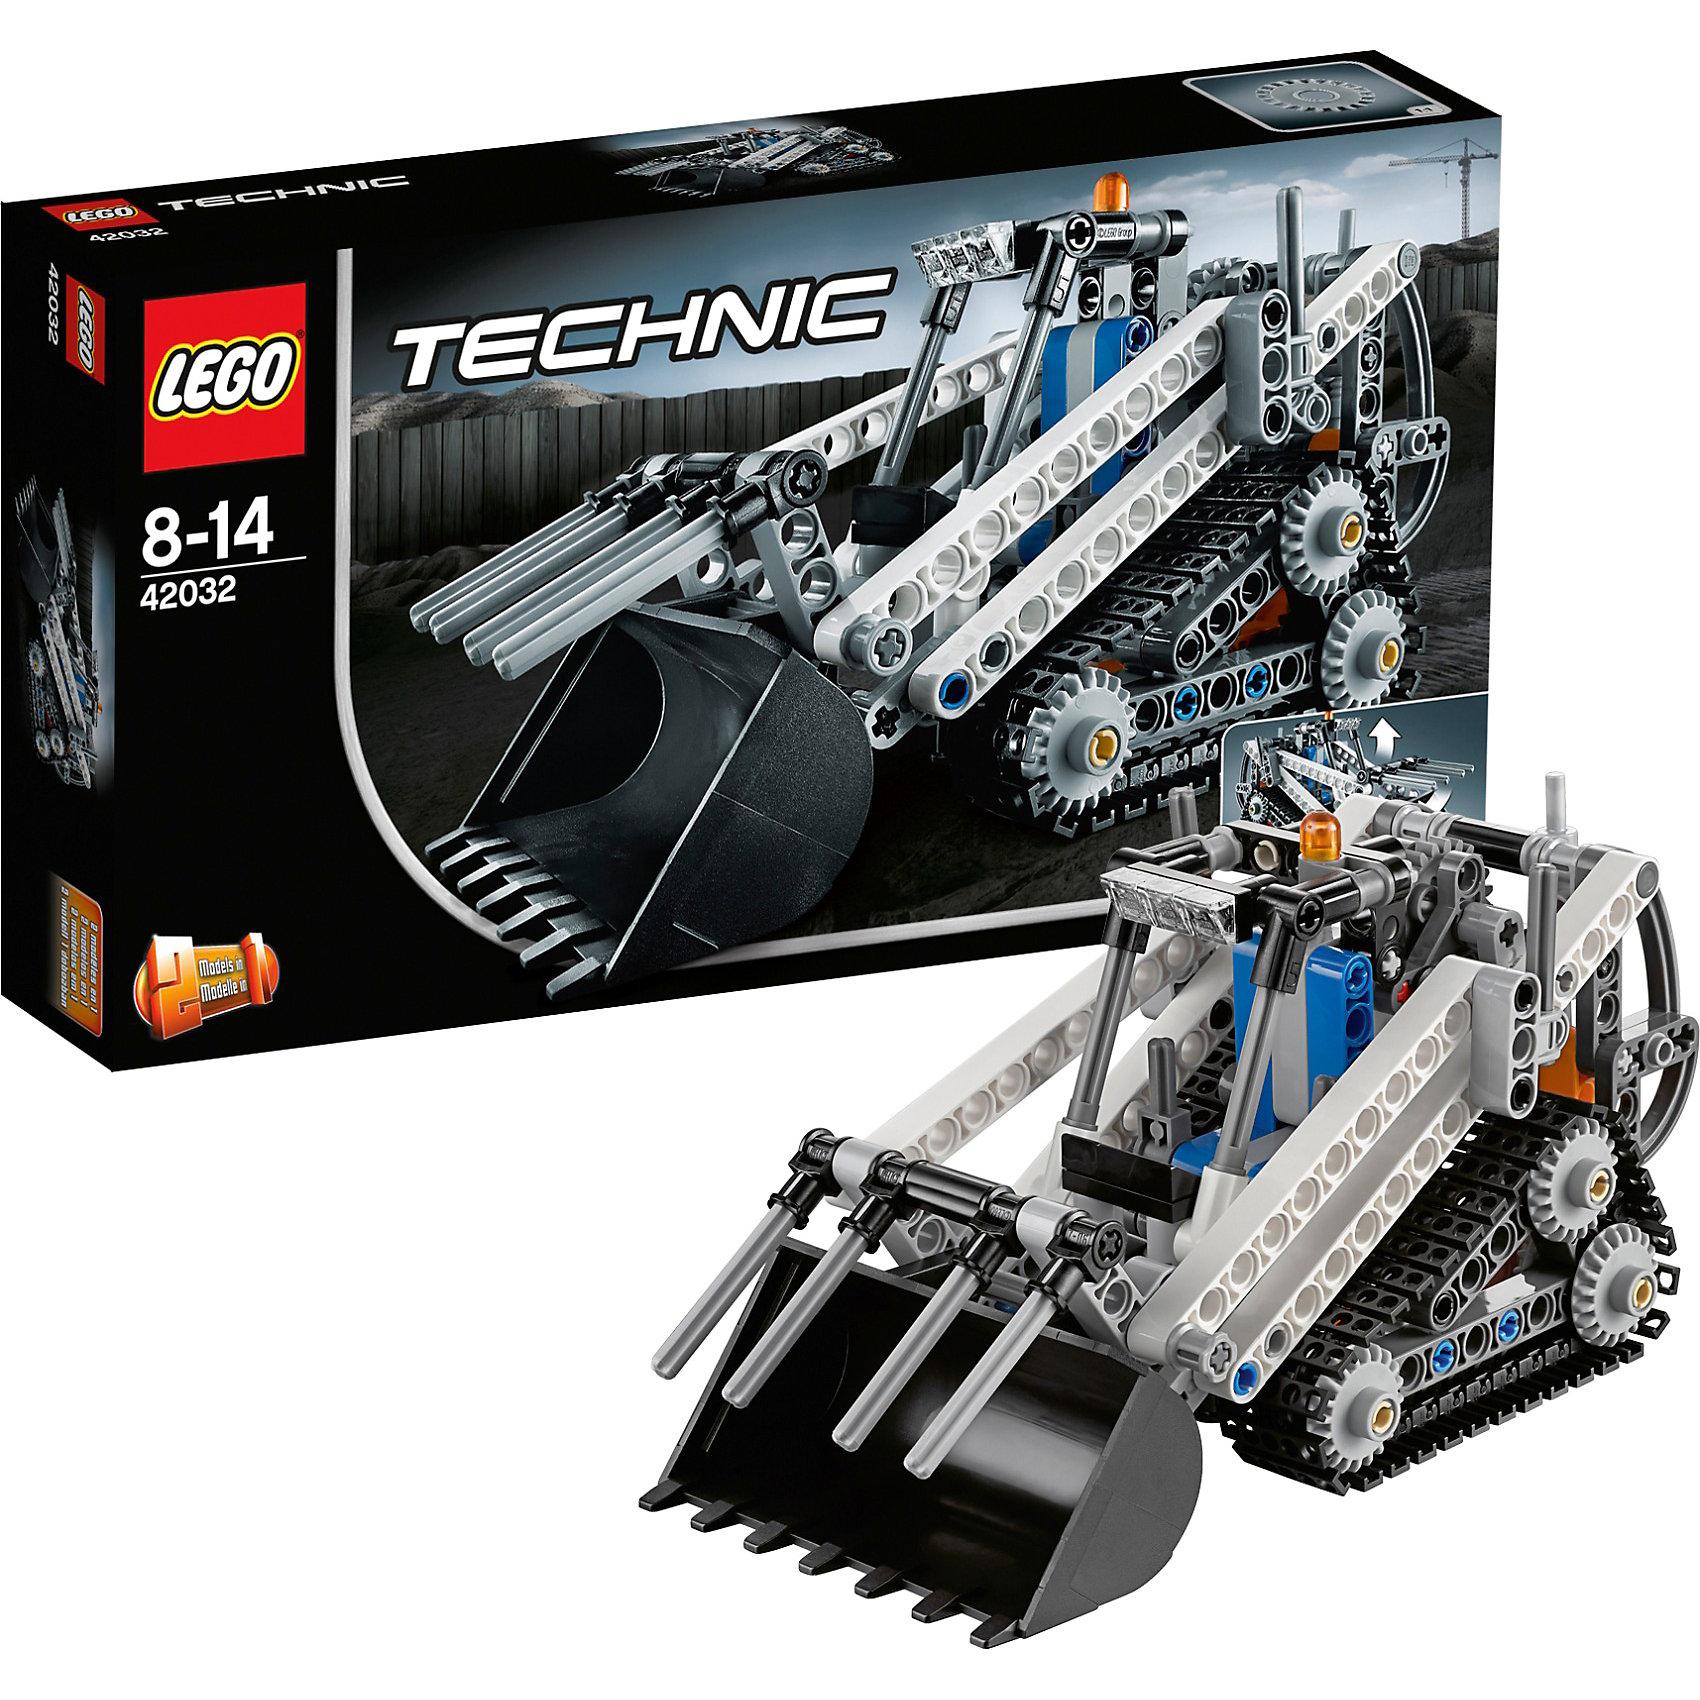 LEGO Technic 42032: Гусеничный погрузчикLEGO Technic (ЛЕГО Техник) 42032: Гусеничный погрузчик представляет собой небольшую многофункциональную машину, обладающую всеми функциональными возможностями своего прототипа, включая подвешенный сзади сложный механизм стрелы, с помощью которого можно управлять ковшом и навесными вилами, дополнительные фары на крыше, предупредительный маячок, рычаг переключения передач и большие треугольные гусениц для повышения сцепления и маневренности. При желании погрузчик можно трансформировать в мощный снегоуборщик на гусеничном ходу. У снегоуборщика поднимается и опускается нож, если покрутить ручку сзади кабины. <br><br>Все наборы серии ЛЕГО Техник позволяют собрать довольно подробные модели транспортных средств, которые помогают ребенку составить представление о том, как устроены и работают автомобили. Построение моделей техник способствует развитию мелкой моторики, логики, пространственного воображения. В серии Лего Техник найдутся транспортные средства на любой вкус: тракторы и экскаваторы, внедорожники и квадроциклы, самосвалы и гоночные автомобили. Некоторые машины можно моторизировать с помощью Power Function (продается отдельно). Модели ЛЕГО Техник высокодетализированы и имеют множество подвижных узлов и действующих механизмов.<br><br>Дополнительная информация:<br>-Размер упаковки: 26,2х14,1х4,8 см<br>-Размер в форме погрузчика: 9 х 17 х 8 см<br>-Размер в форме снегоуборщика: 8 х 13 х 11 см<br>-Вес: 0,24 кг<br>-Состав: 252 детали, инструкция<br>-Материал: пластик<br>-Весь набор упакован в фирменную картонную коробку ЛЕГО<br><br>LEGO Technic (ЛЕГО Техник) 42032: Гусеничный погрузчик можно купить в нашем магазине.<br><br>Ширина мм: 264<br>Глубина мм: 142<br>Высота мм: 53<br>Вес г: 287<br>Возраст от месяцев: 96<br>Возраст до месяцев: 168<br>Пол: Мужской<br>Возраст: Детский<br>SKU: 3786093